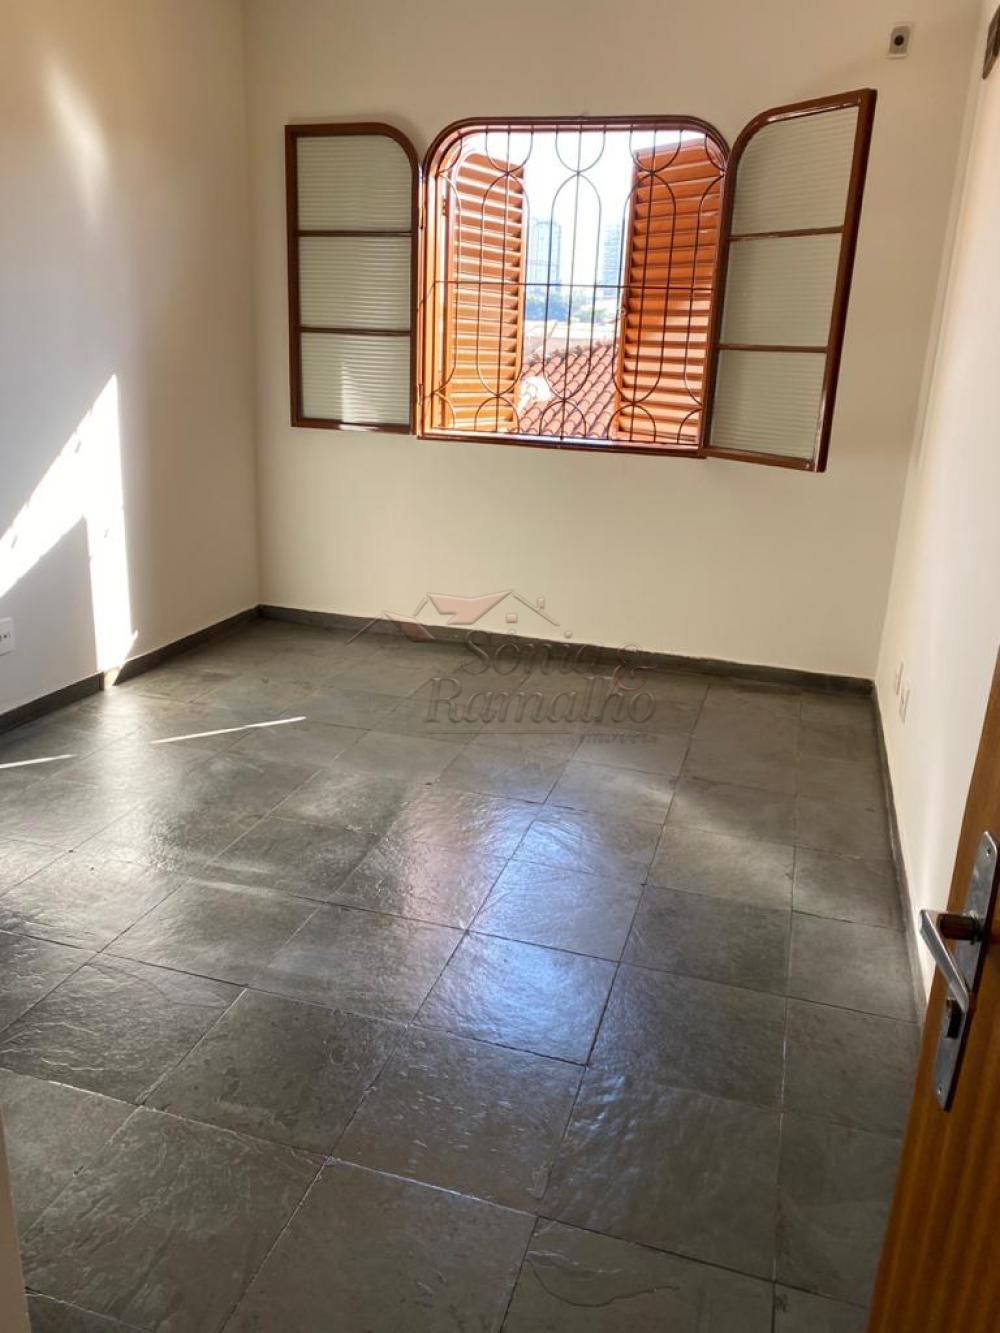 Alugar Comercial / Sala comercial em Ribeirão Preto apenas R$ 5.000,00 - Foto 3